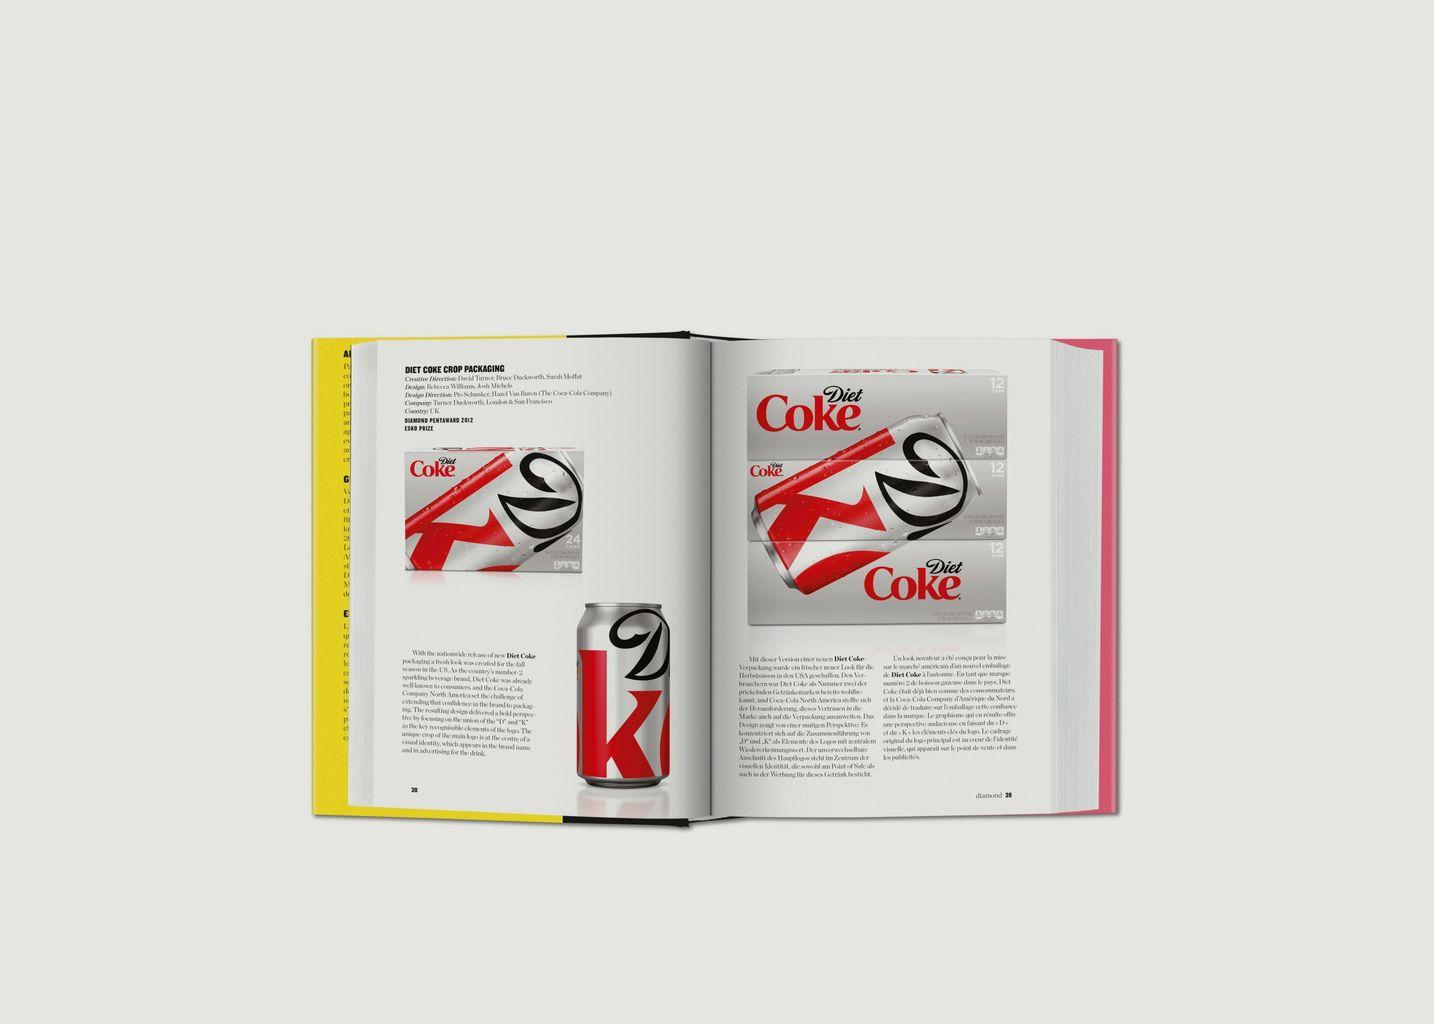 The Package Design Book  - Taschen